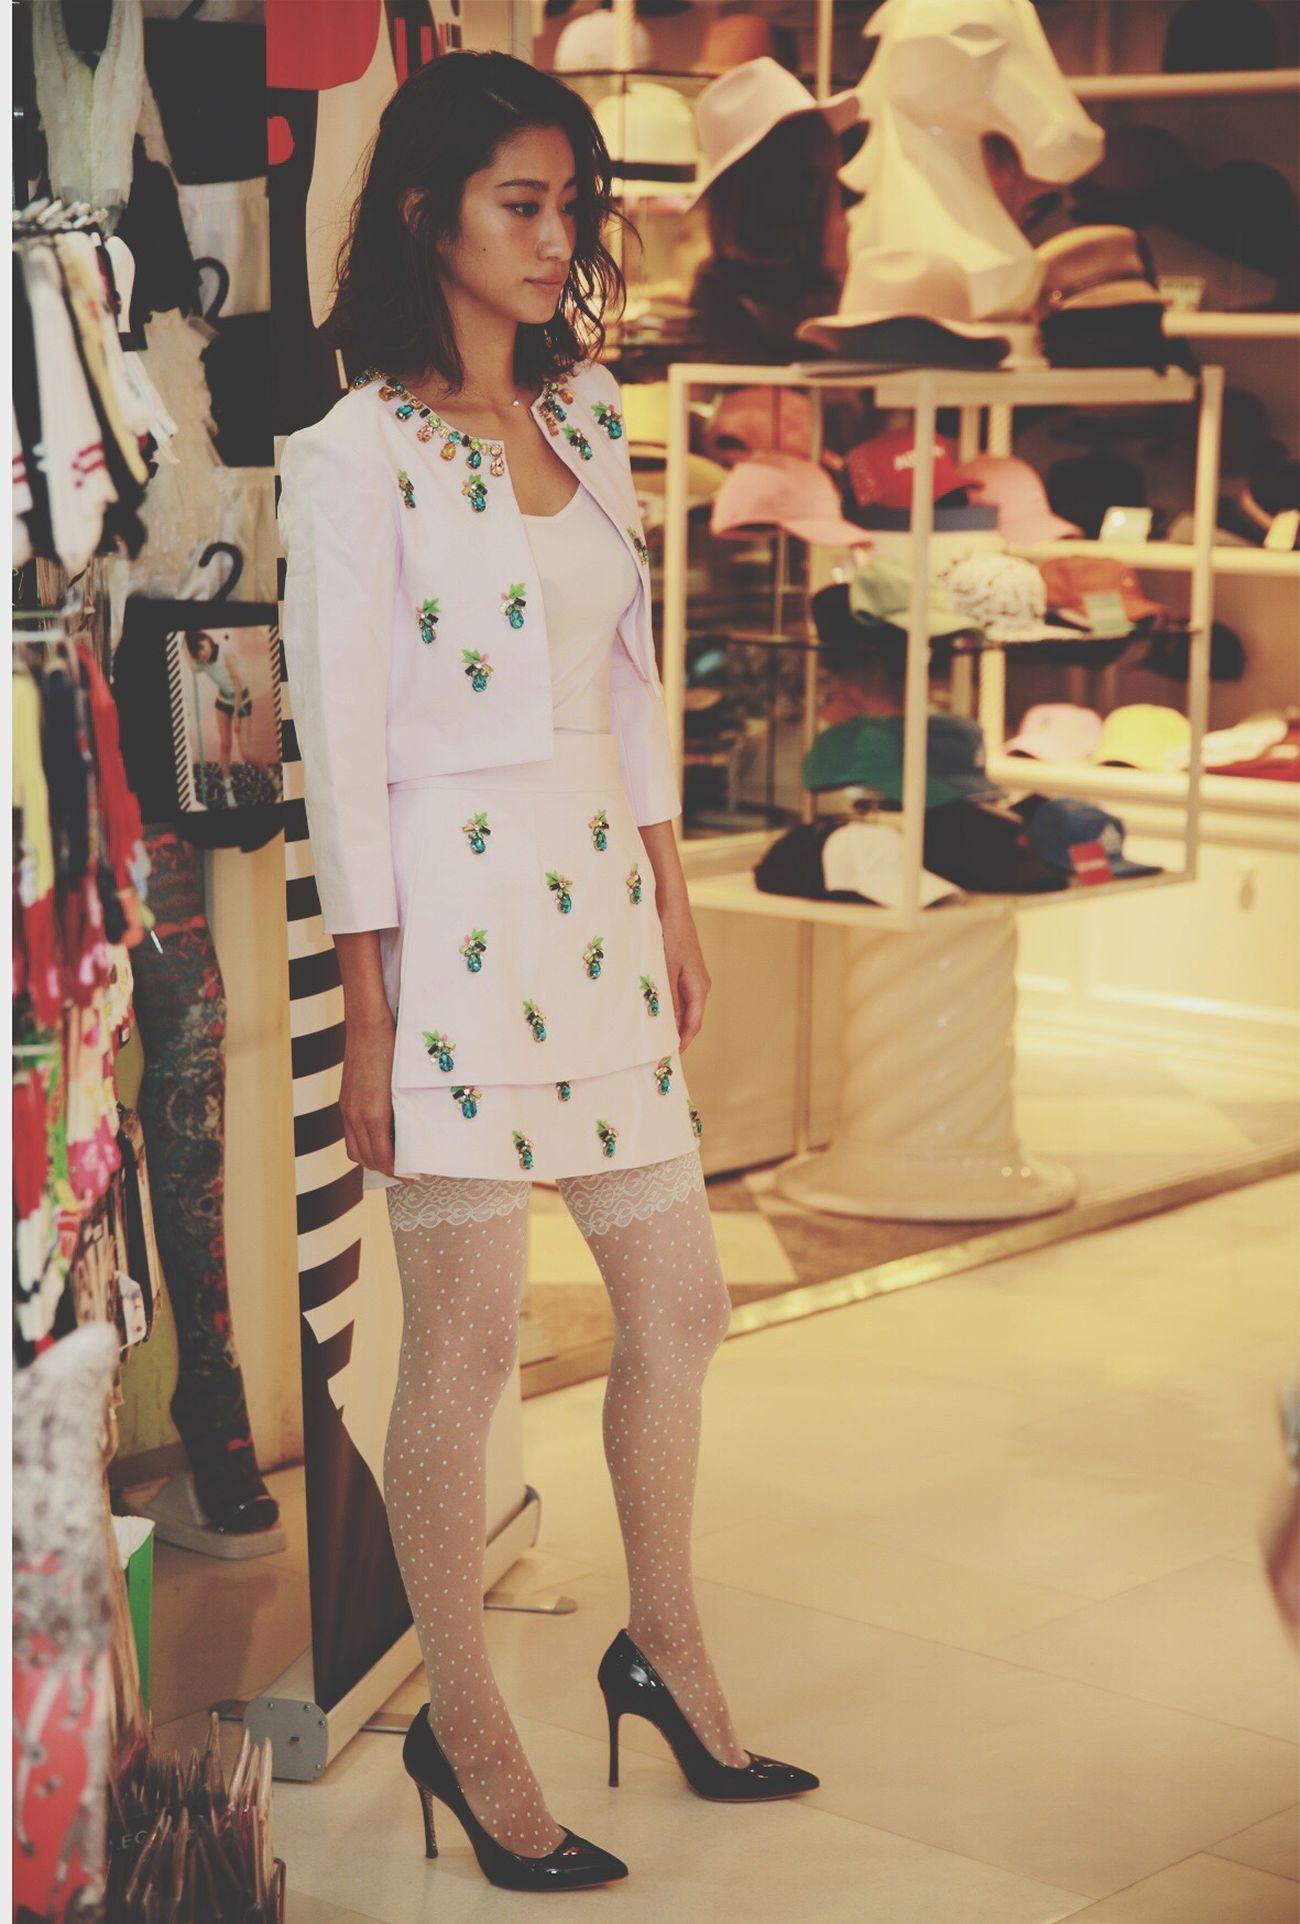 Cecilia de Rafael新作タイツを公開しました。近日入荷予定です。 #ぽこあぽこ #タイツ #tights #ceciliaderafael ぽこあぽこ Pocoapoco タイツ Tights Shibuya109